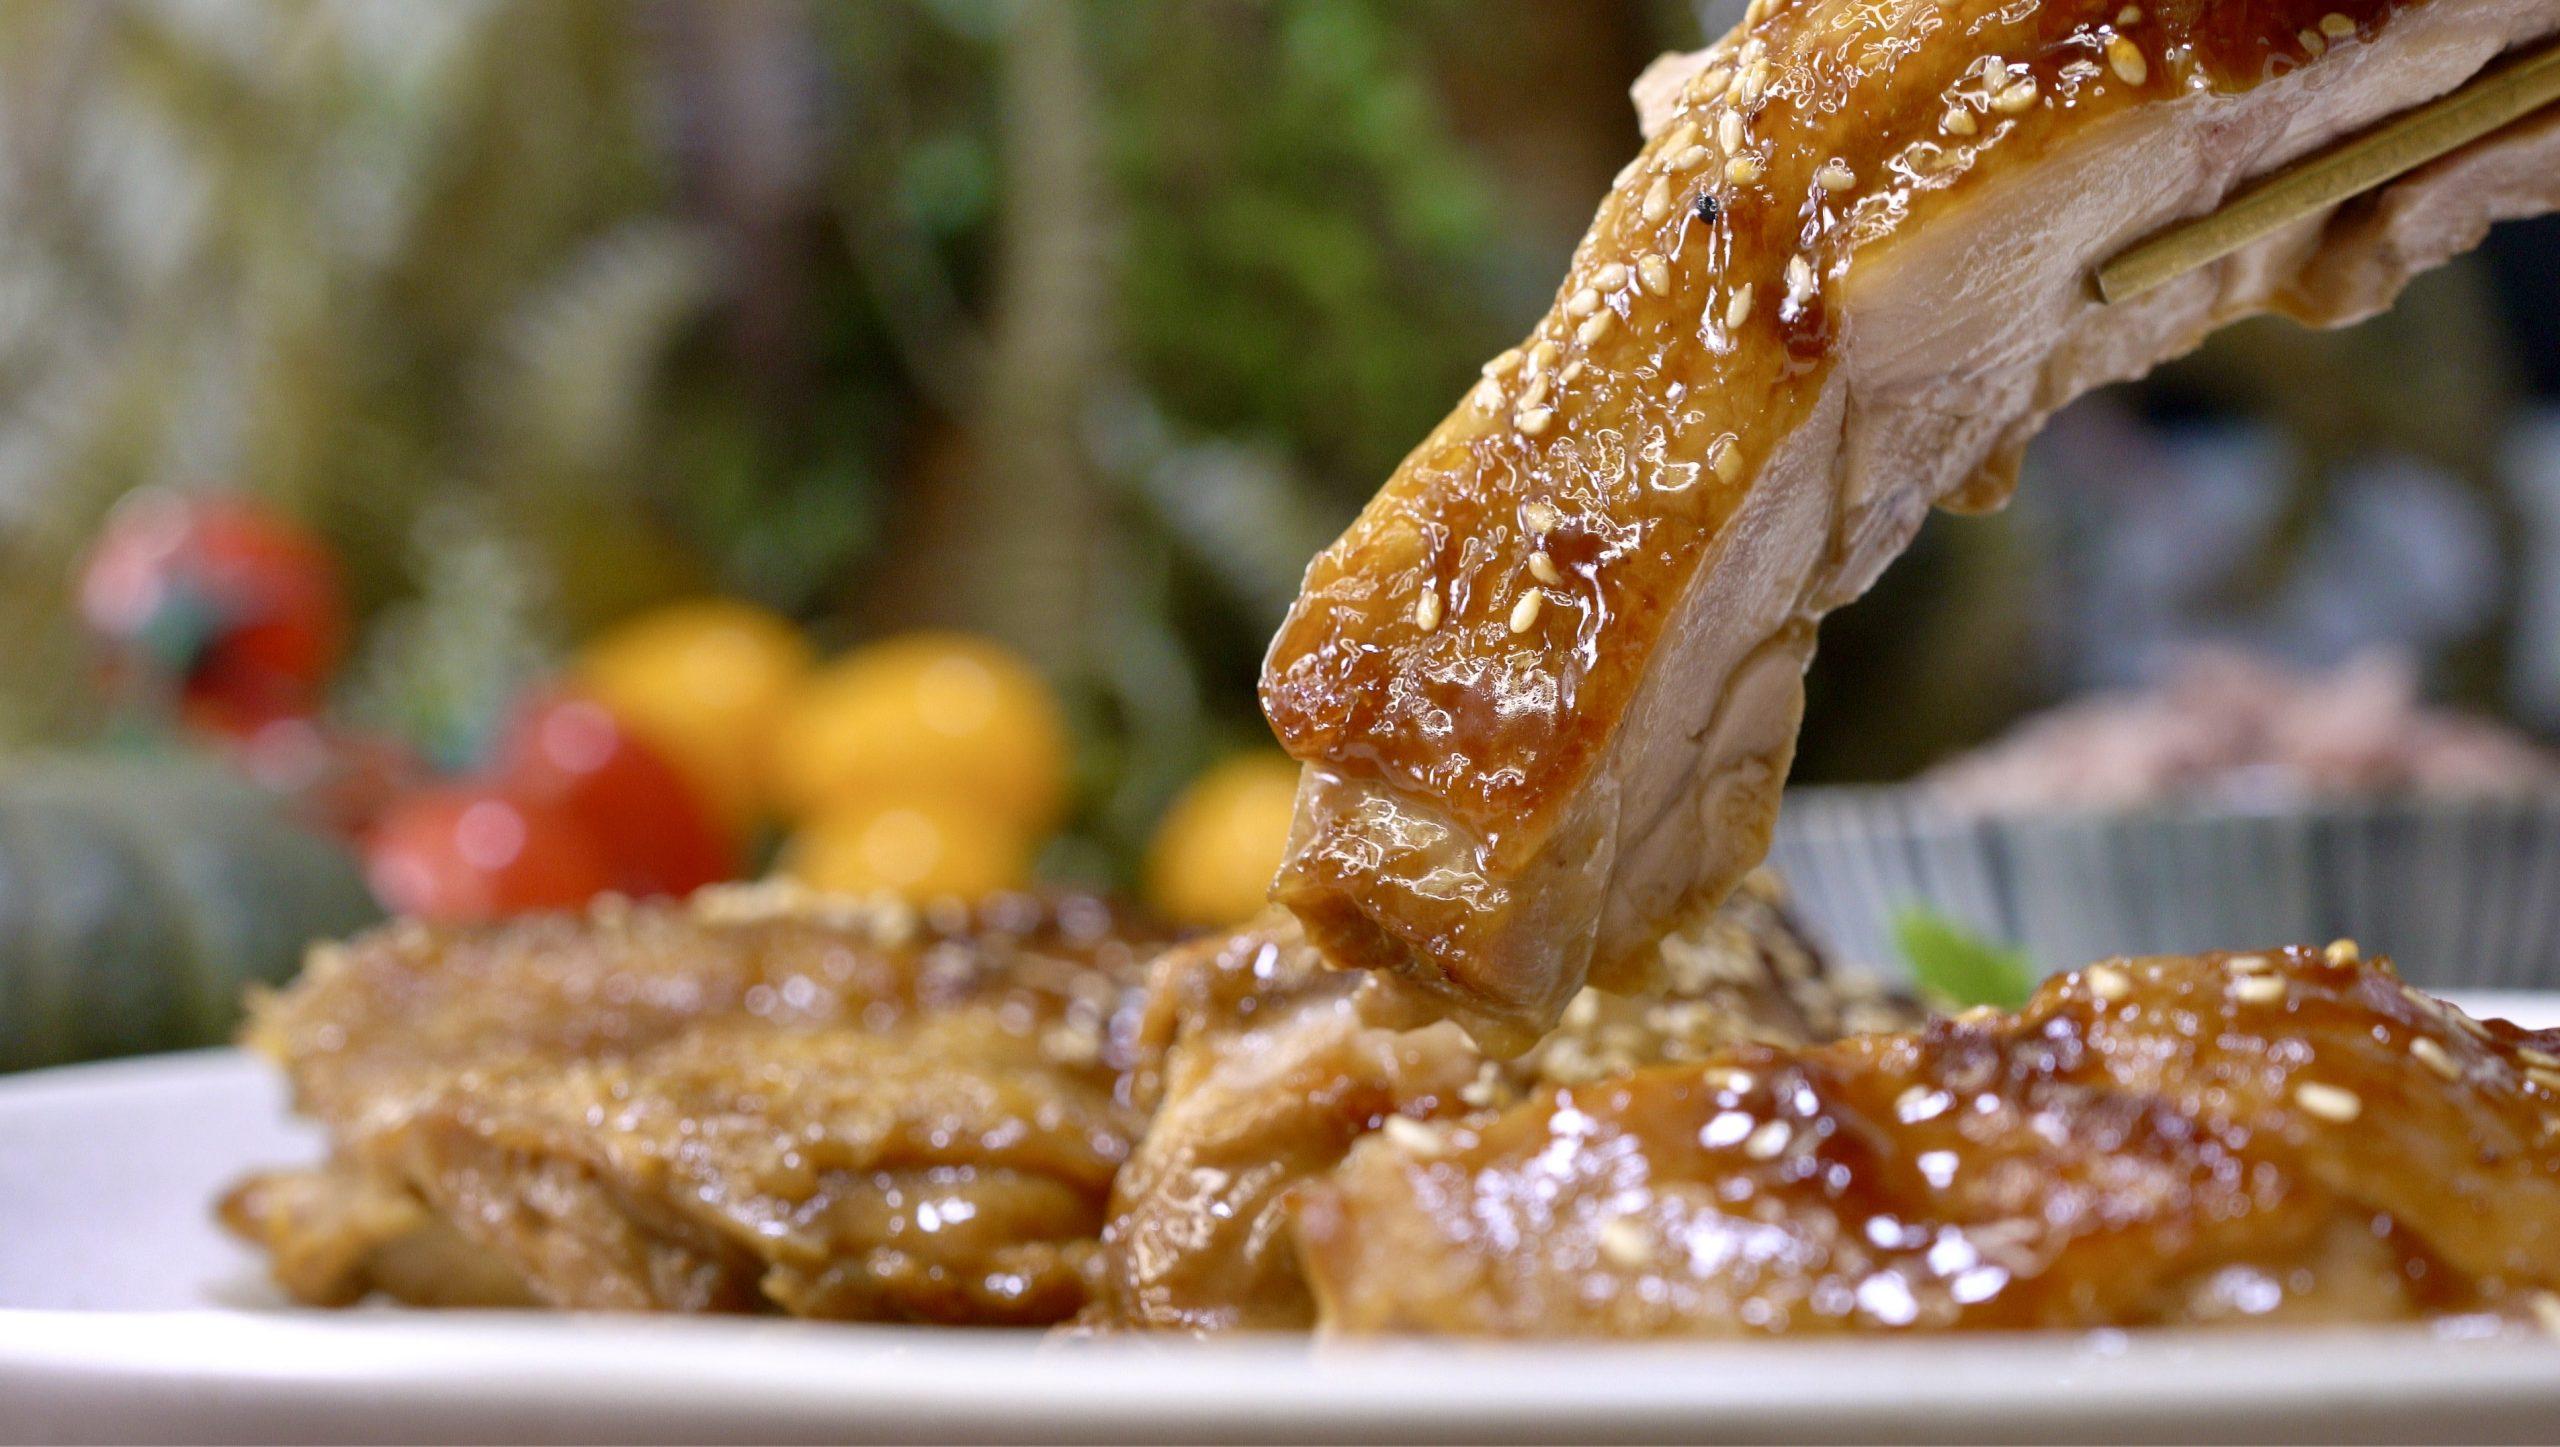 鮮嫩多汁照燒雞肉的黃金比例醬汁,超級美味!好吃到停不下來的照燒雞